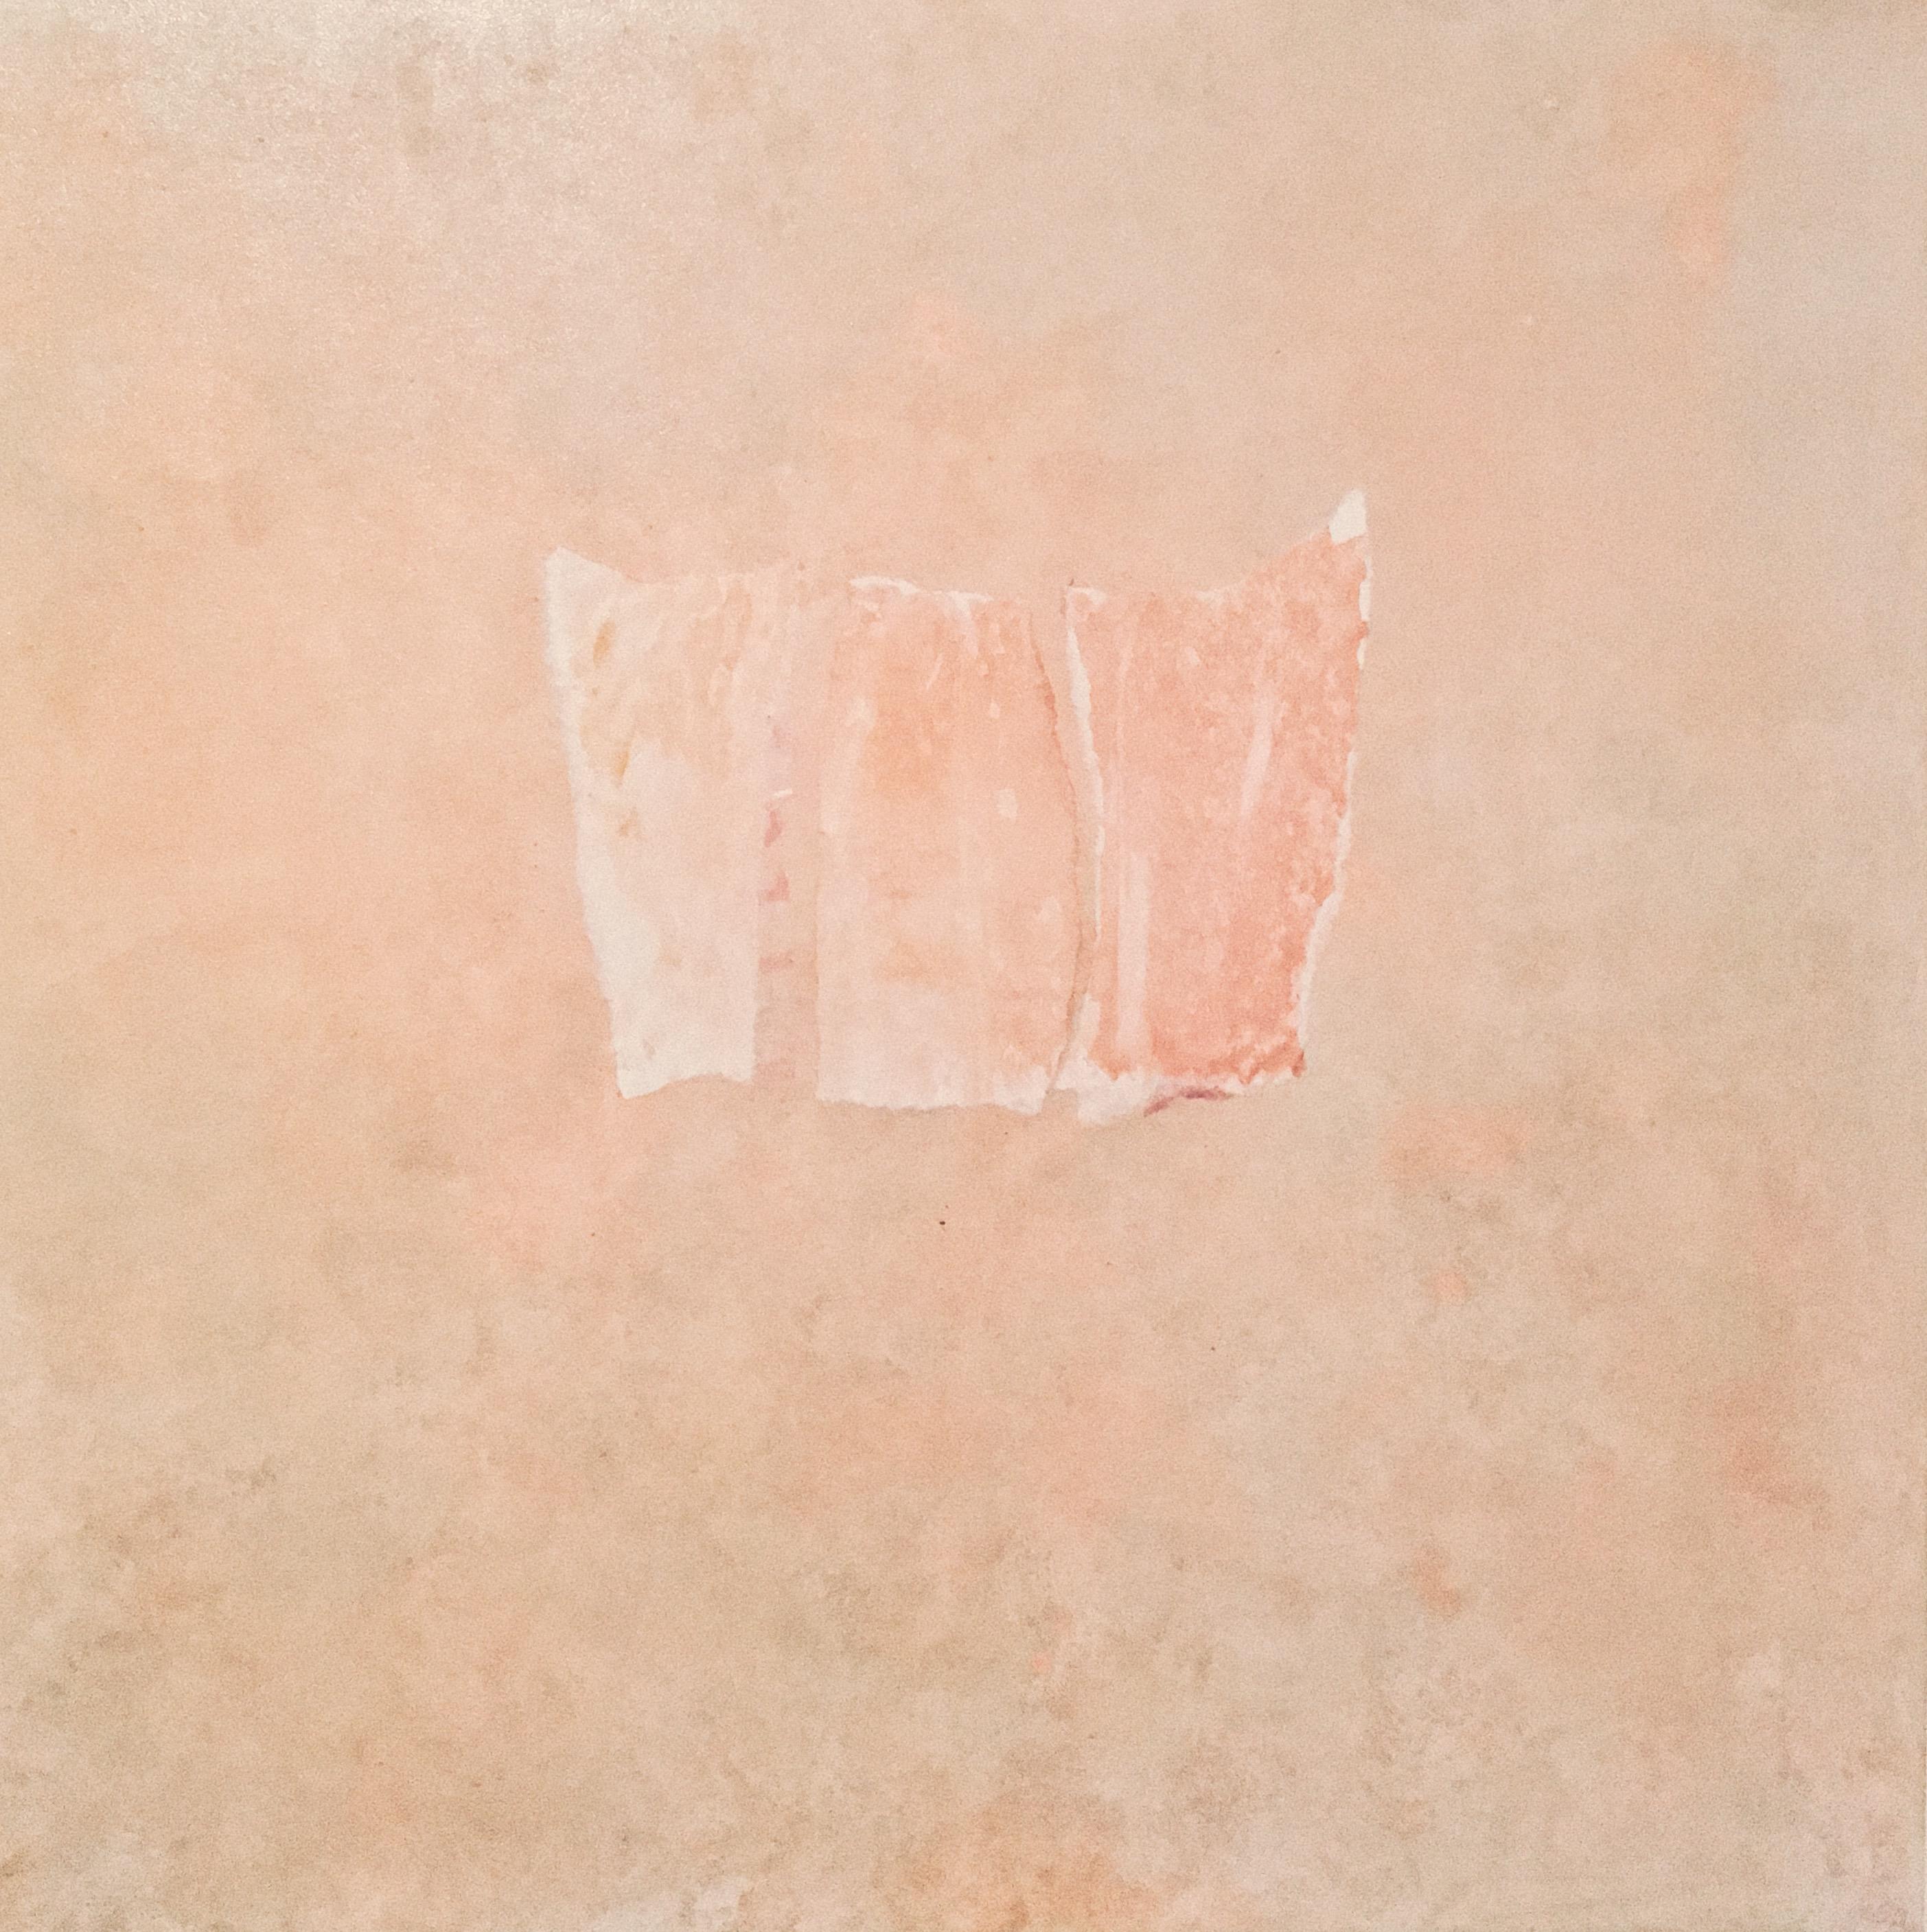 Marine Bonzom - Artiste Peintre Biarritz - Vienna